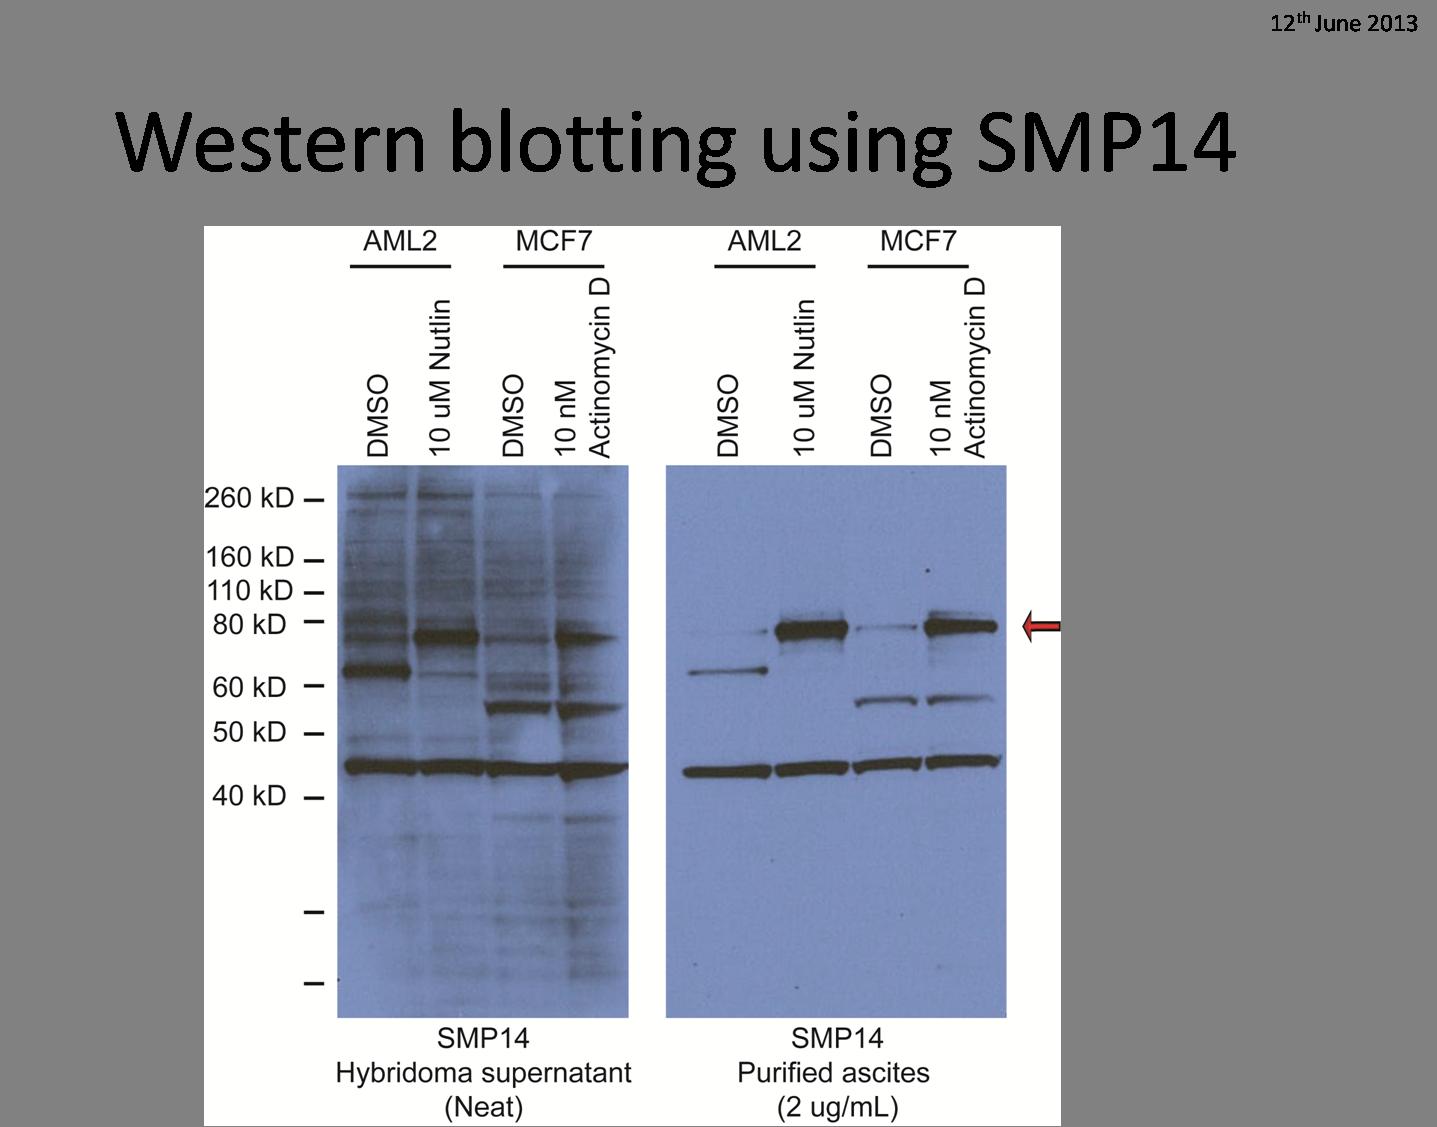 Western blotting using SMP14 hybridoma supernatant